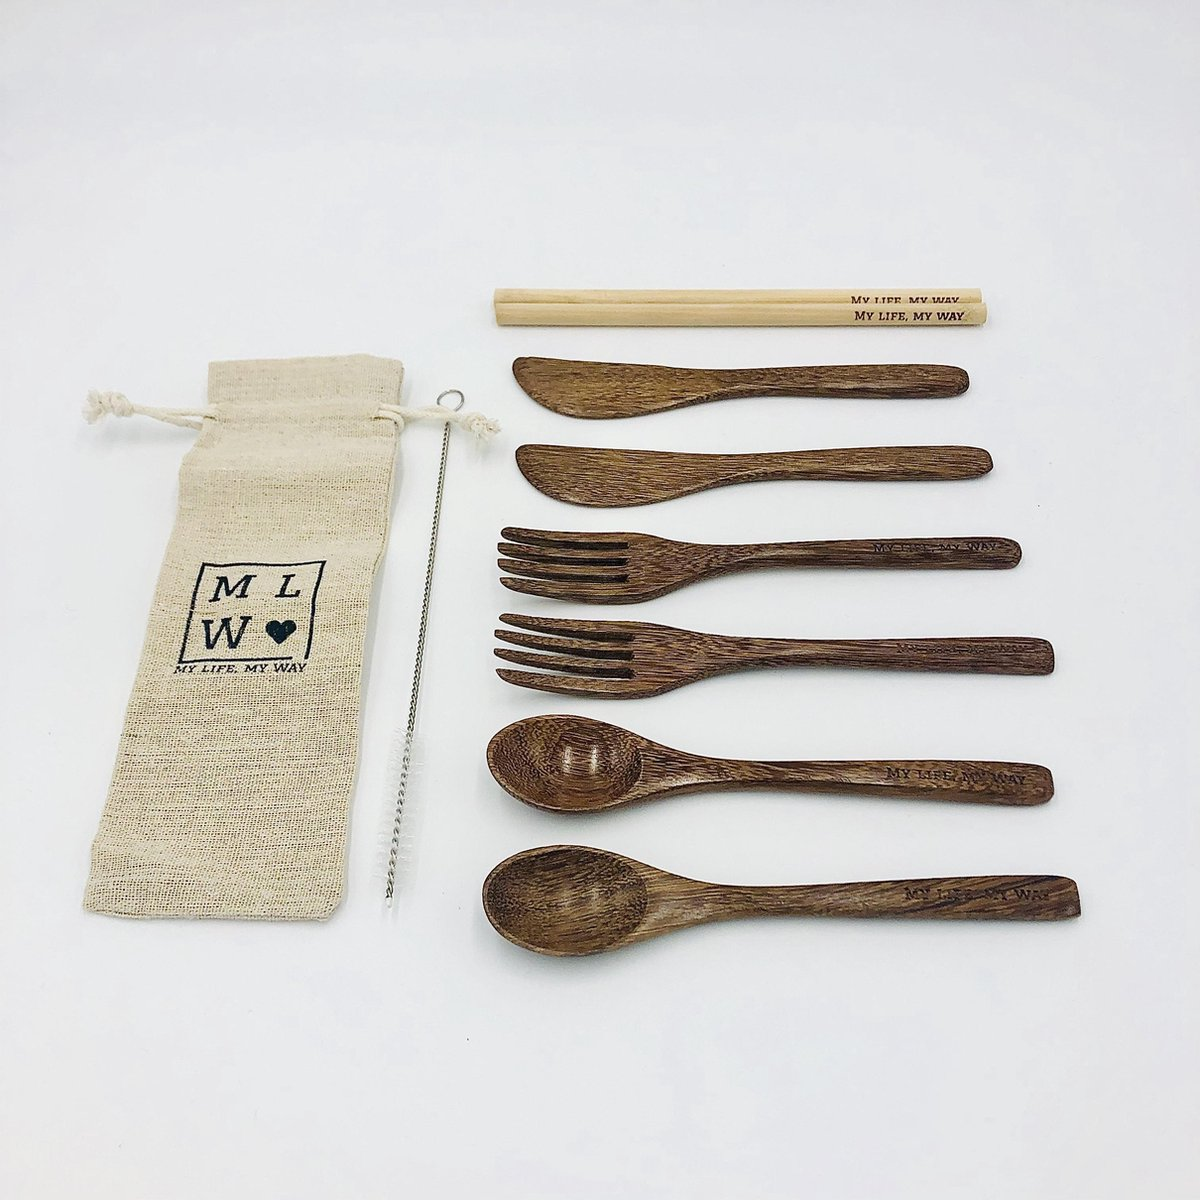 MLMW - Duurzame Bestekset WENGE - 10 delig - Wenge Houten lepel, vork en mes - Bamboe Rietjes met schoonmaakborstel - Handgemaakt - Uniek - Duurzaam - 100% Natuurlijk - Inclusief linnen zakje - Bruin